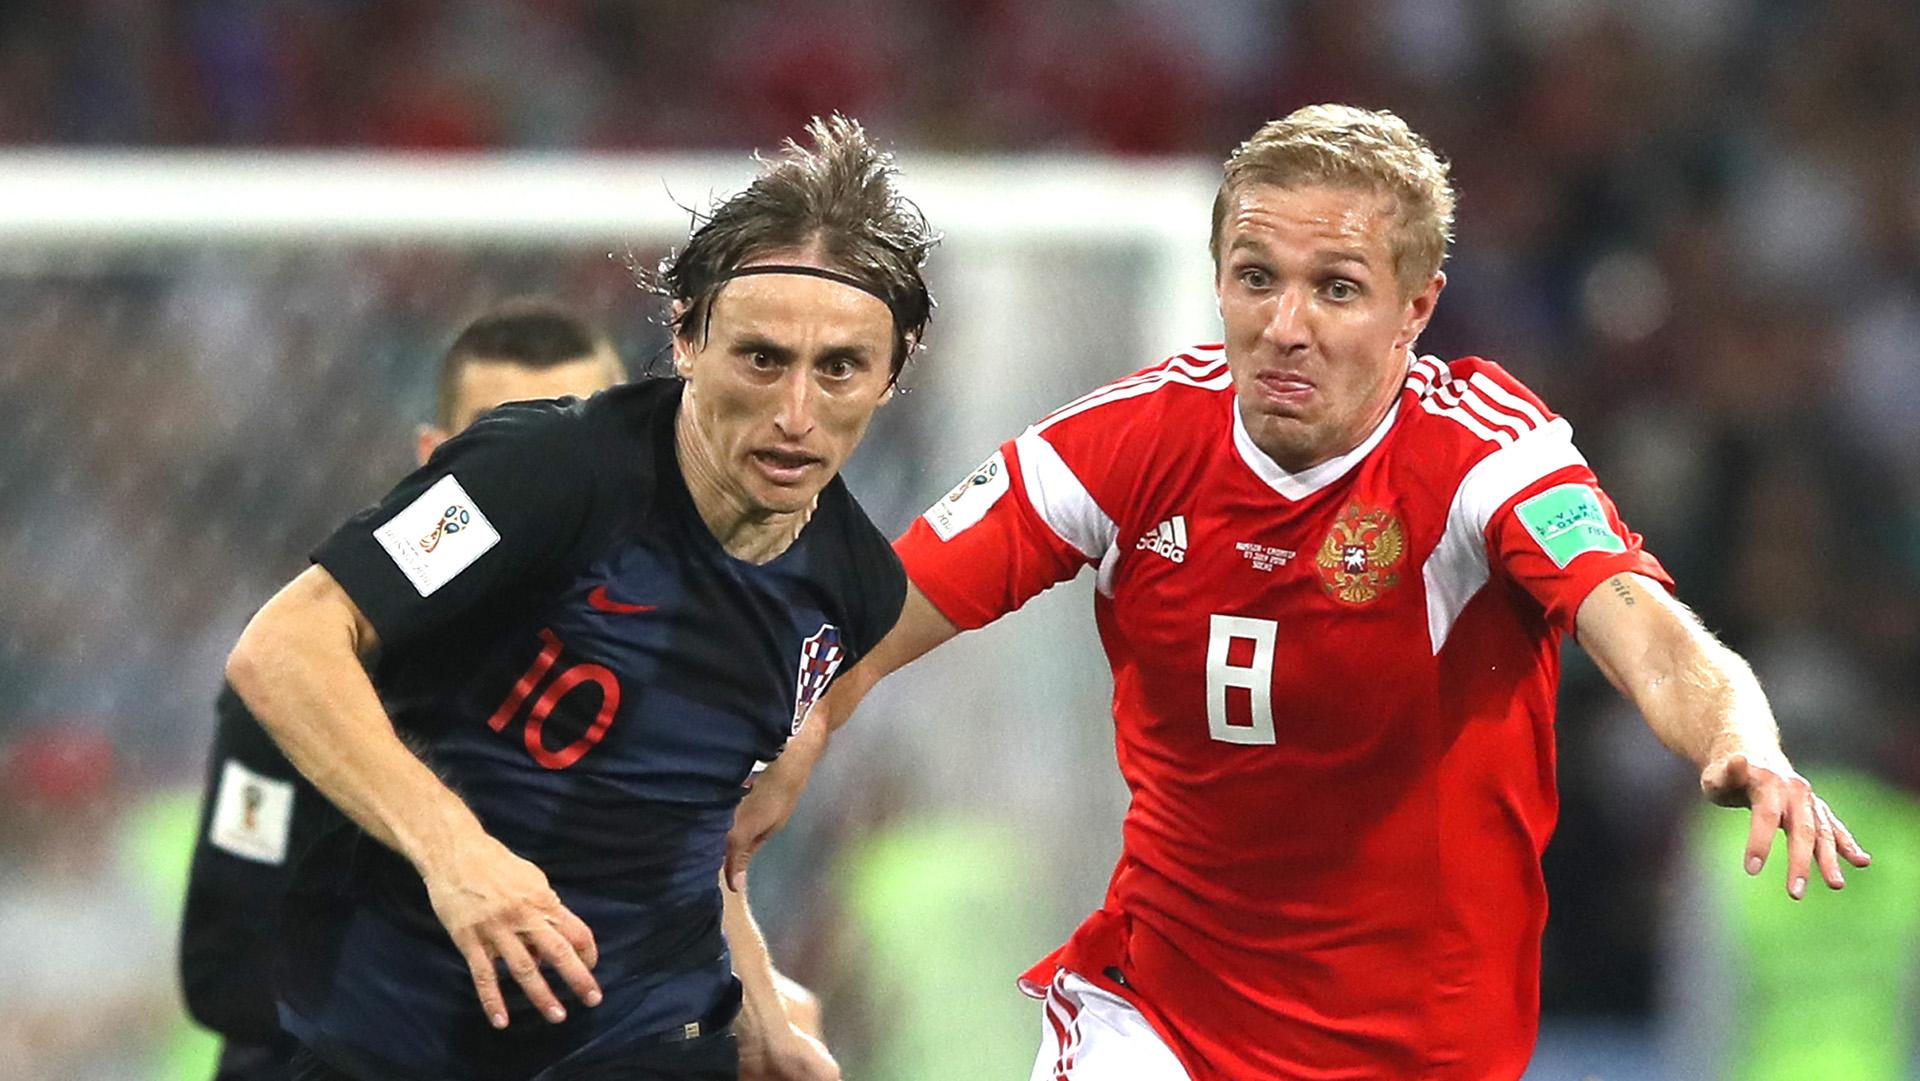 Luka Modric Iury Gazinsky Russia Croatia World Cup 2018 070718 674127d9a